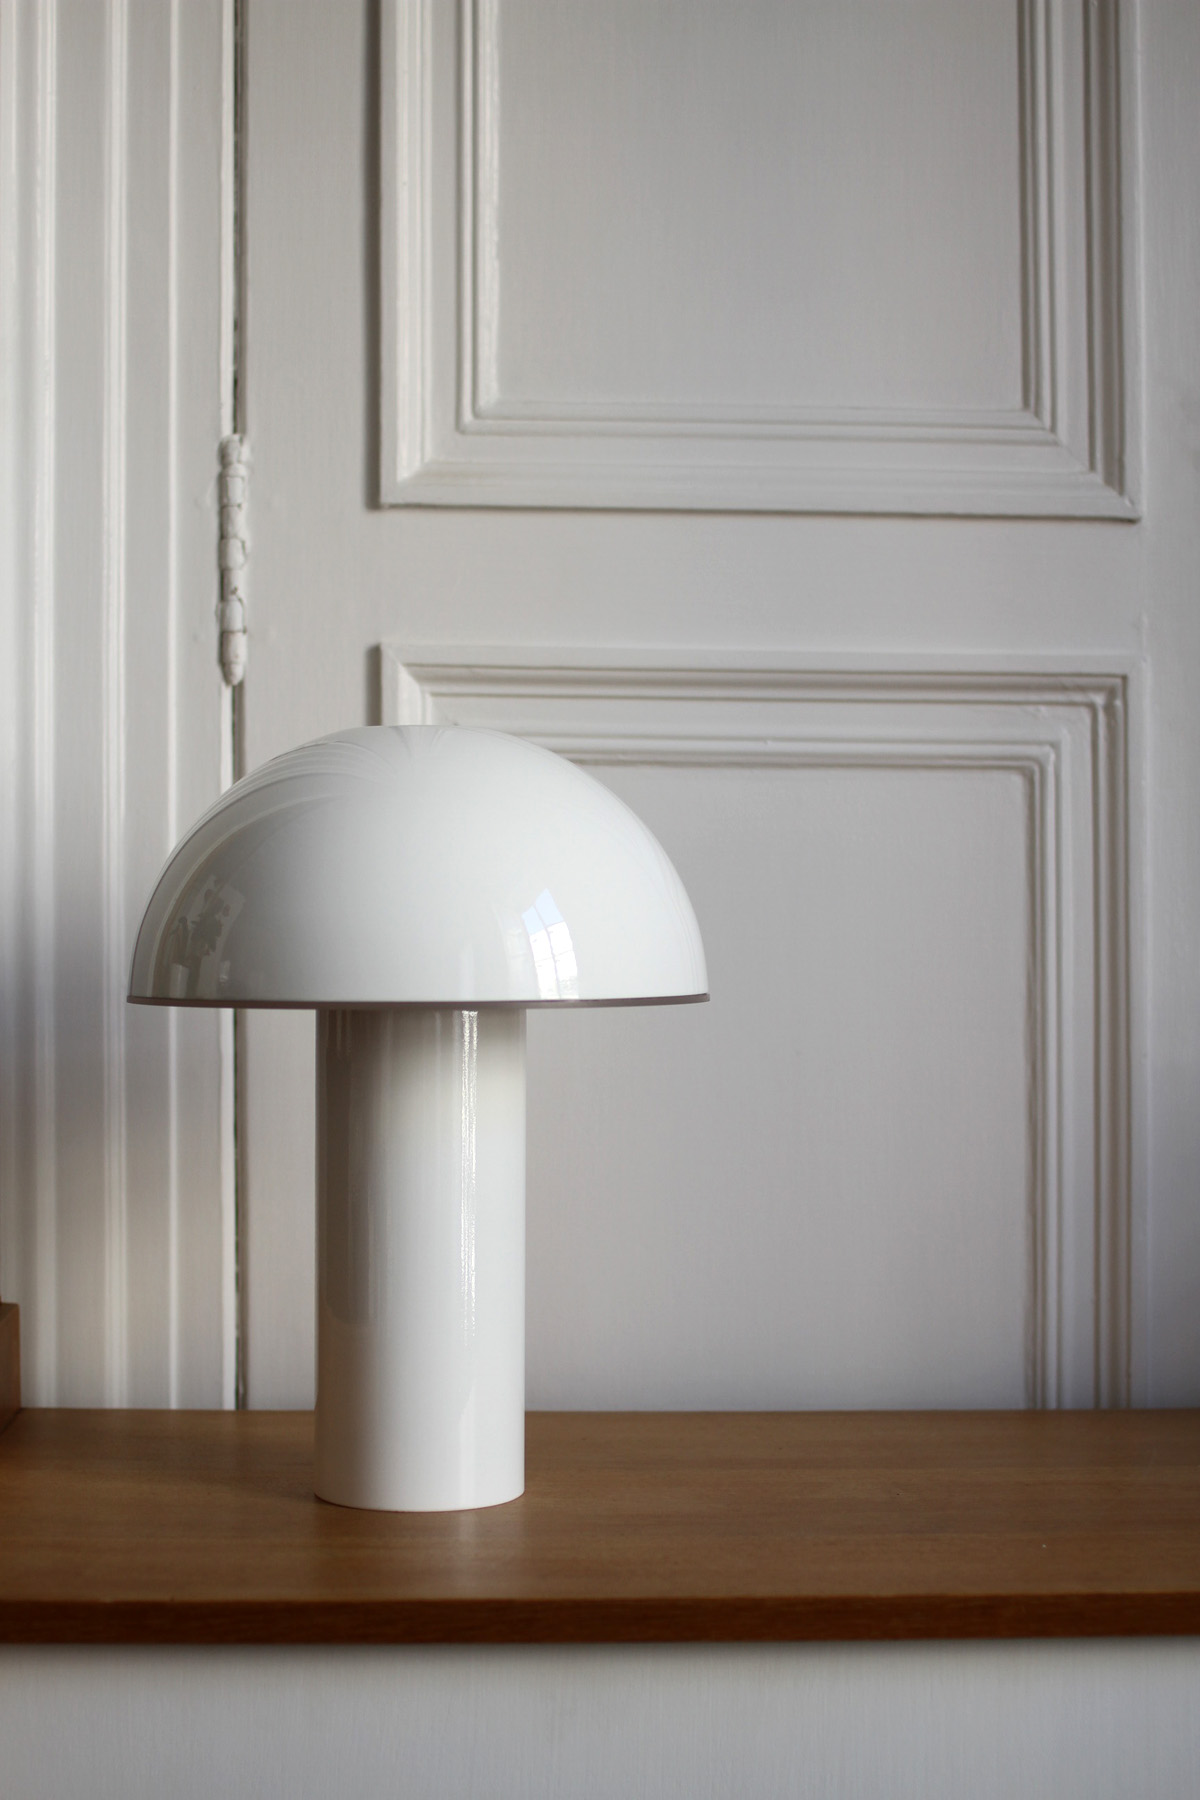 Lampe Poule luminaires cul de poule -majotik